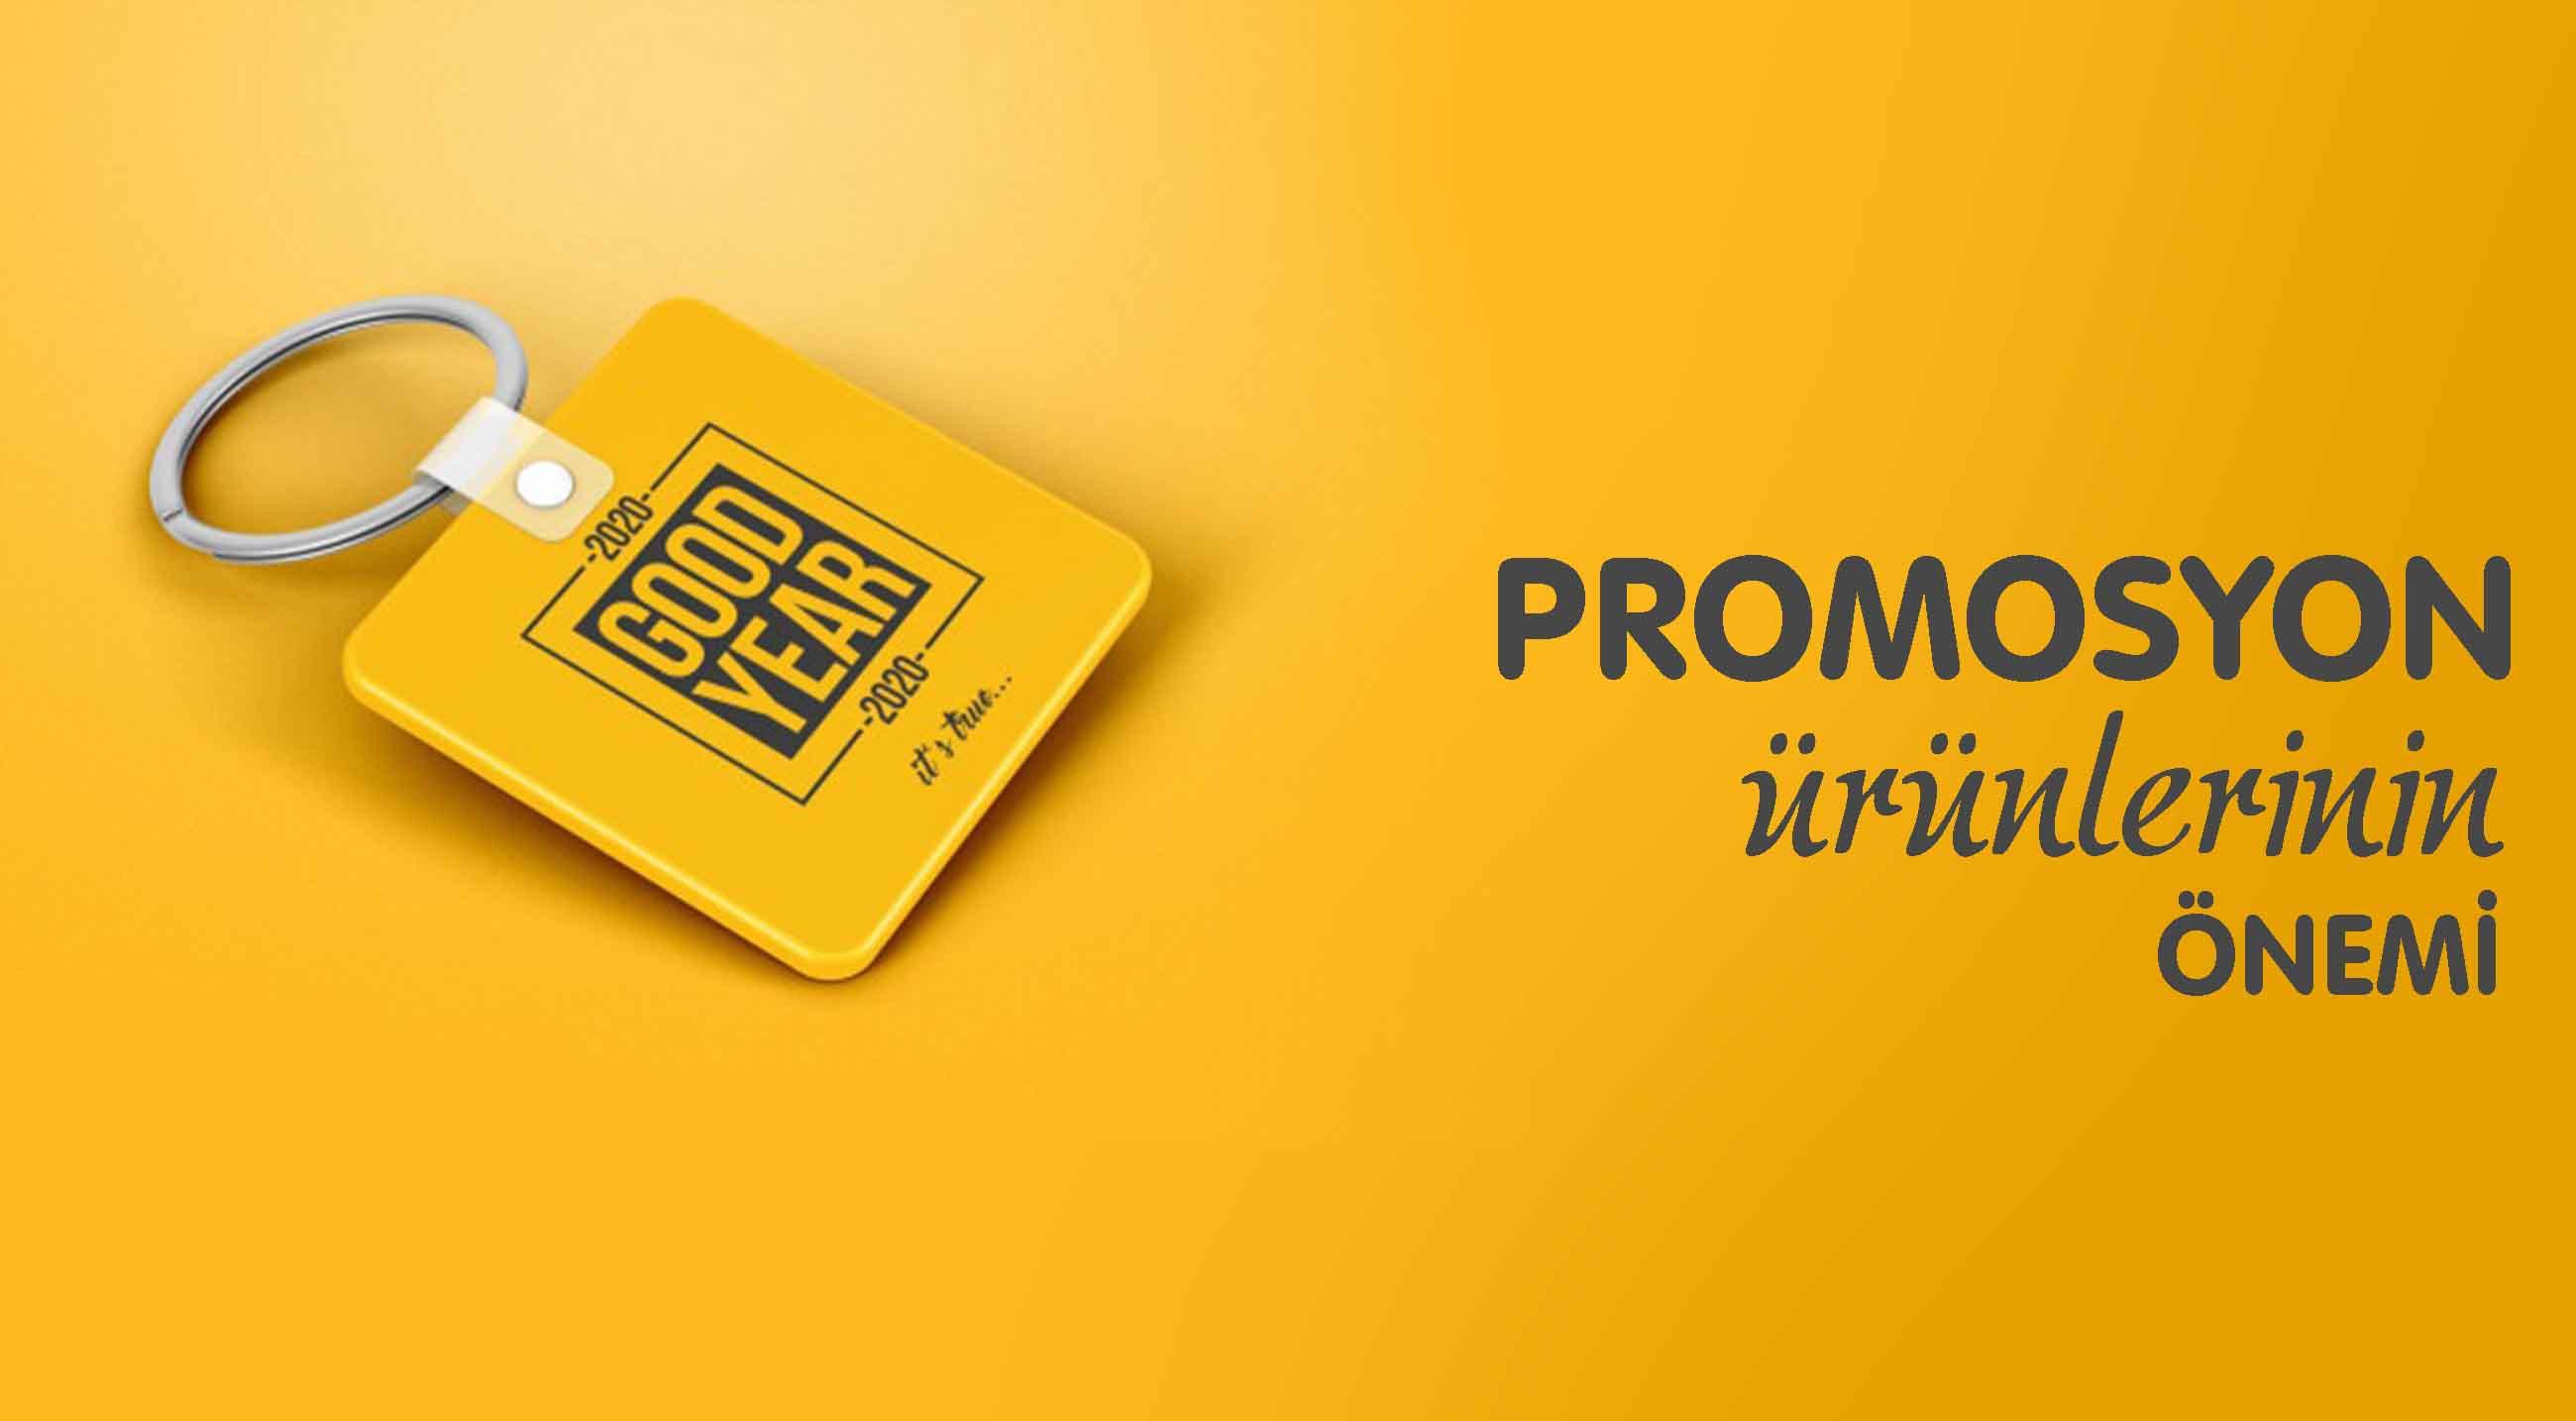 Promosyon ürünlerinin pazarlama üzerine etkisi